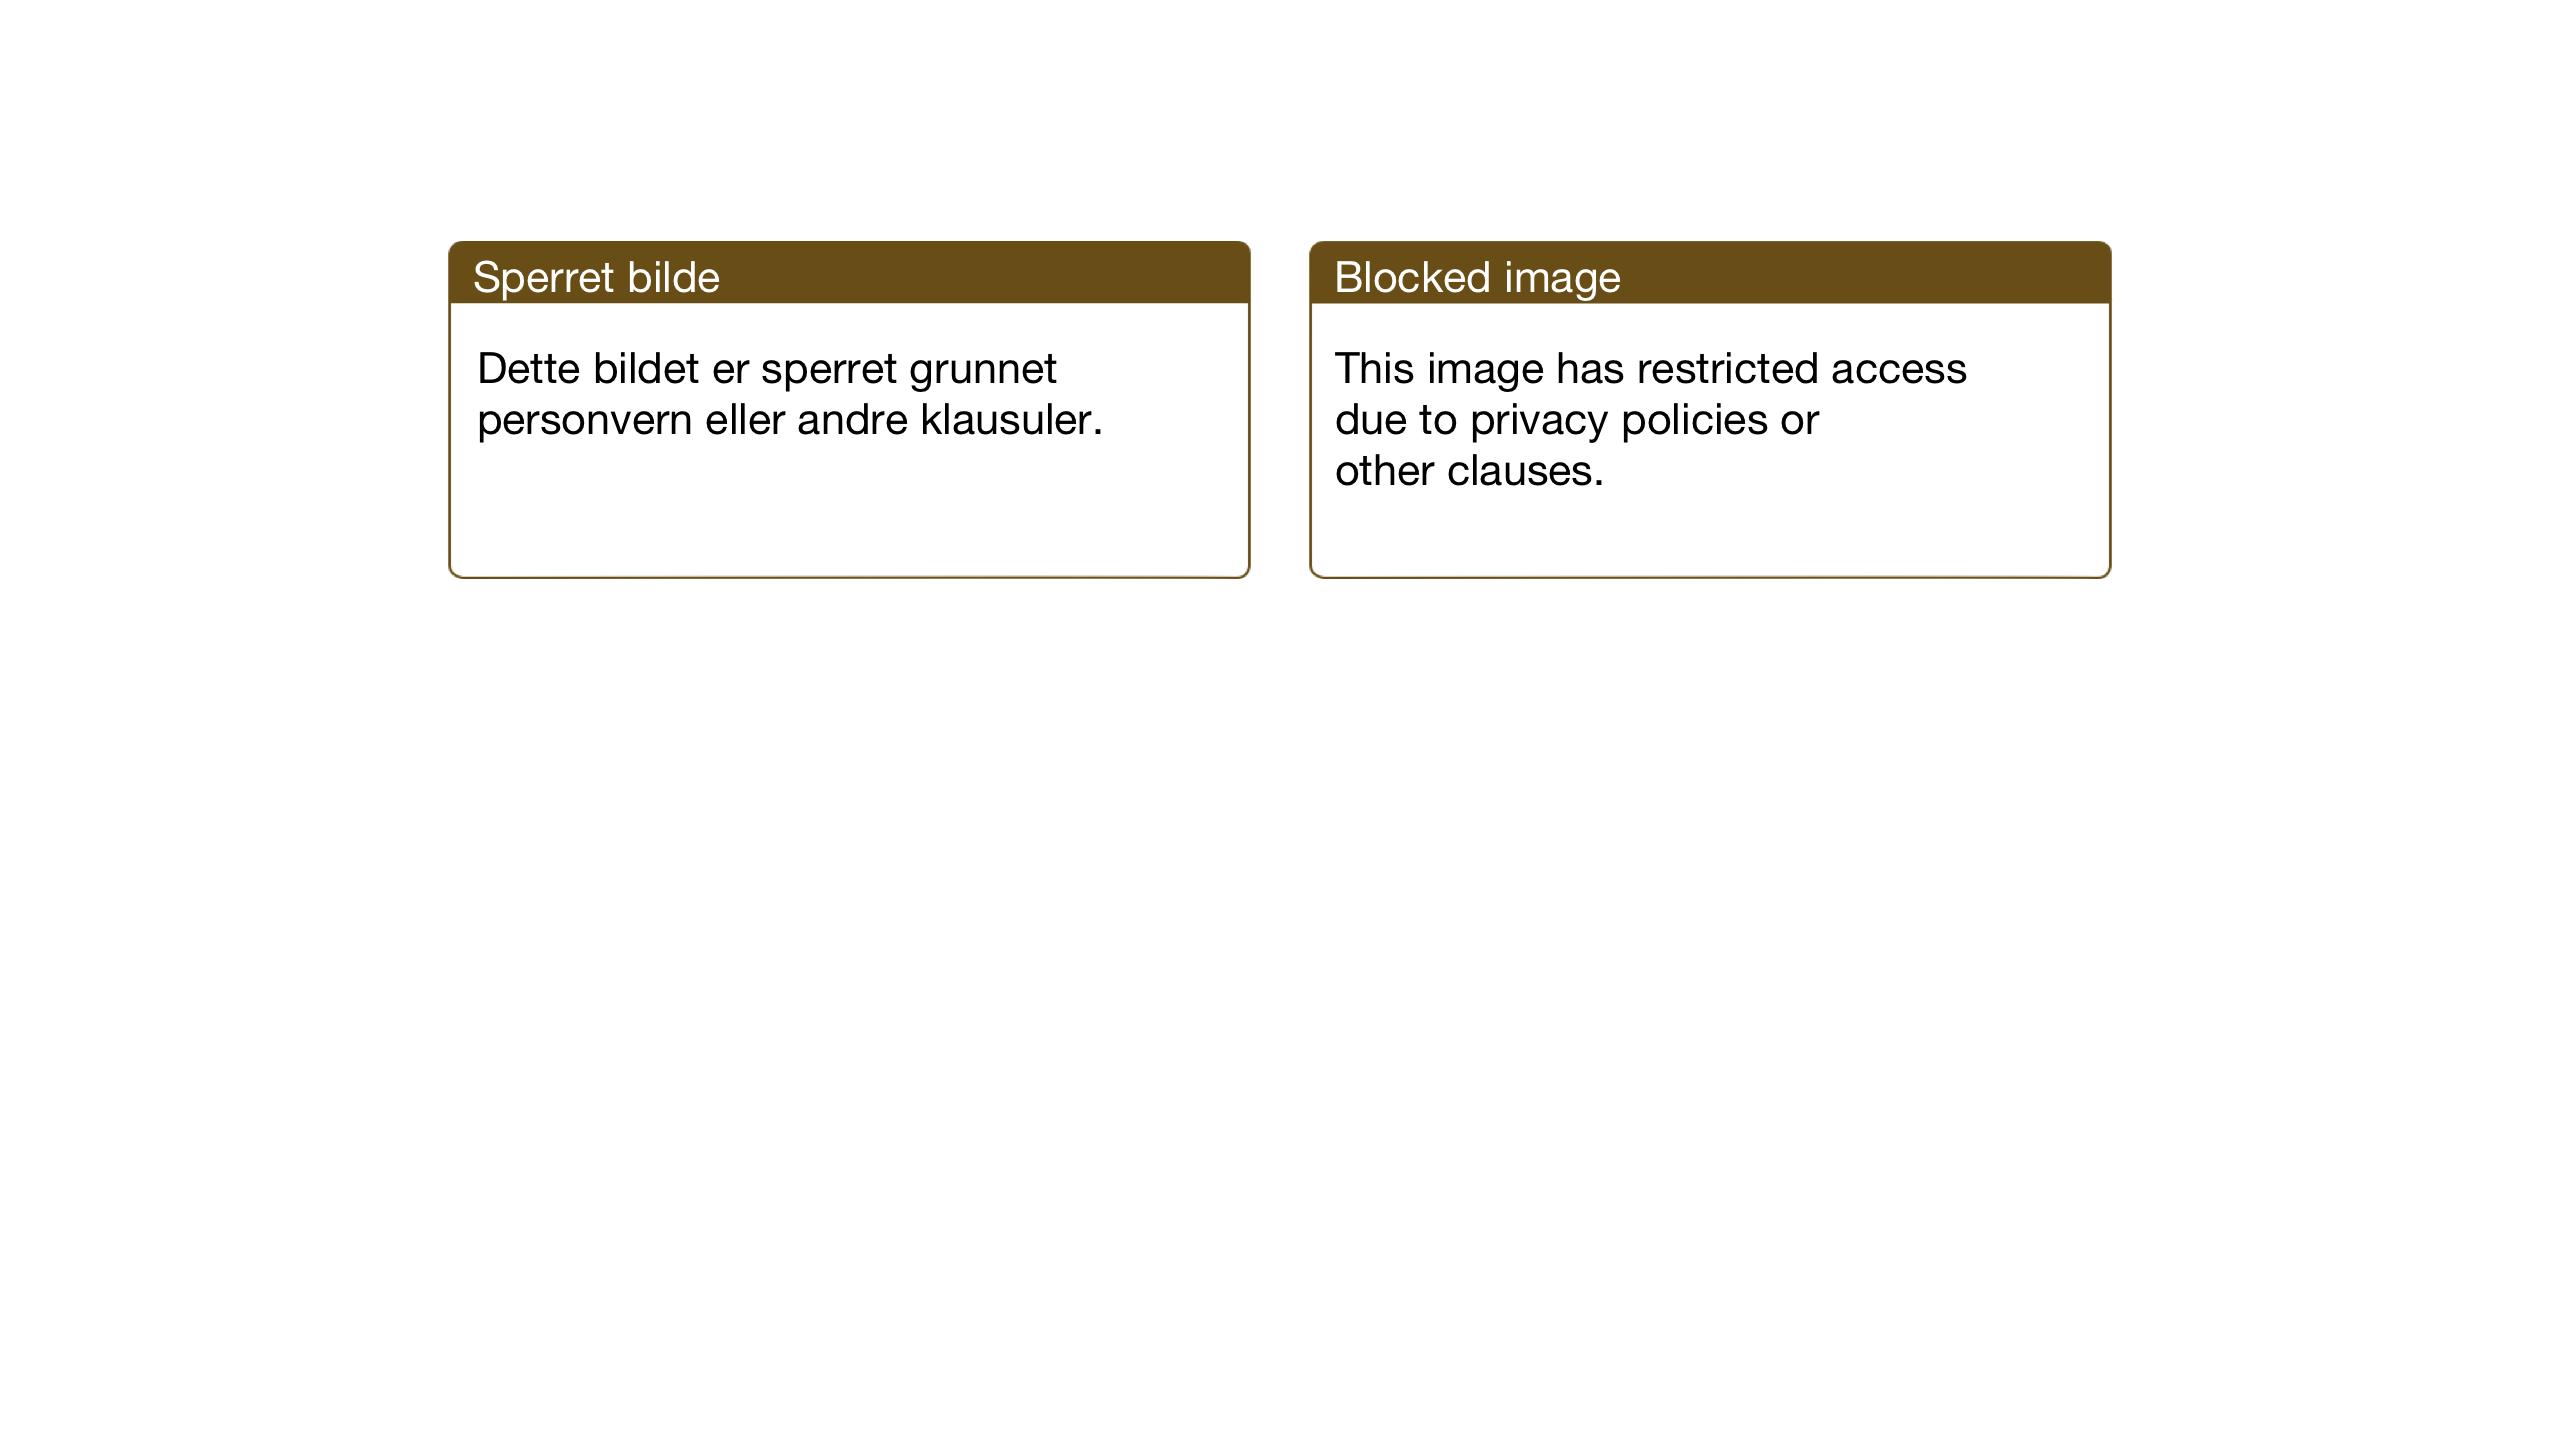 SAT, Ministerialprotokoller, klokkerbøker og fødselsregistre - Sør-Trøndelag, 682/L0947: Klokkerbok nr. 682C01, 1926-1968, s. 41